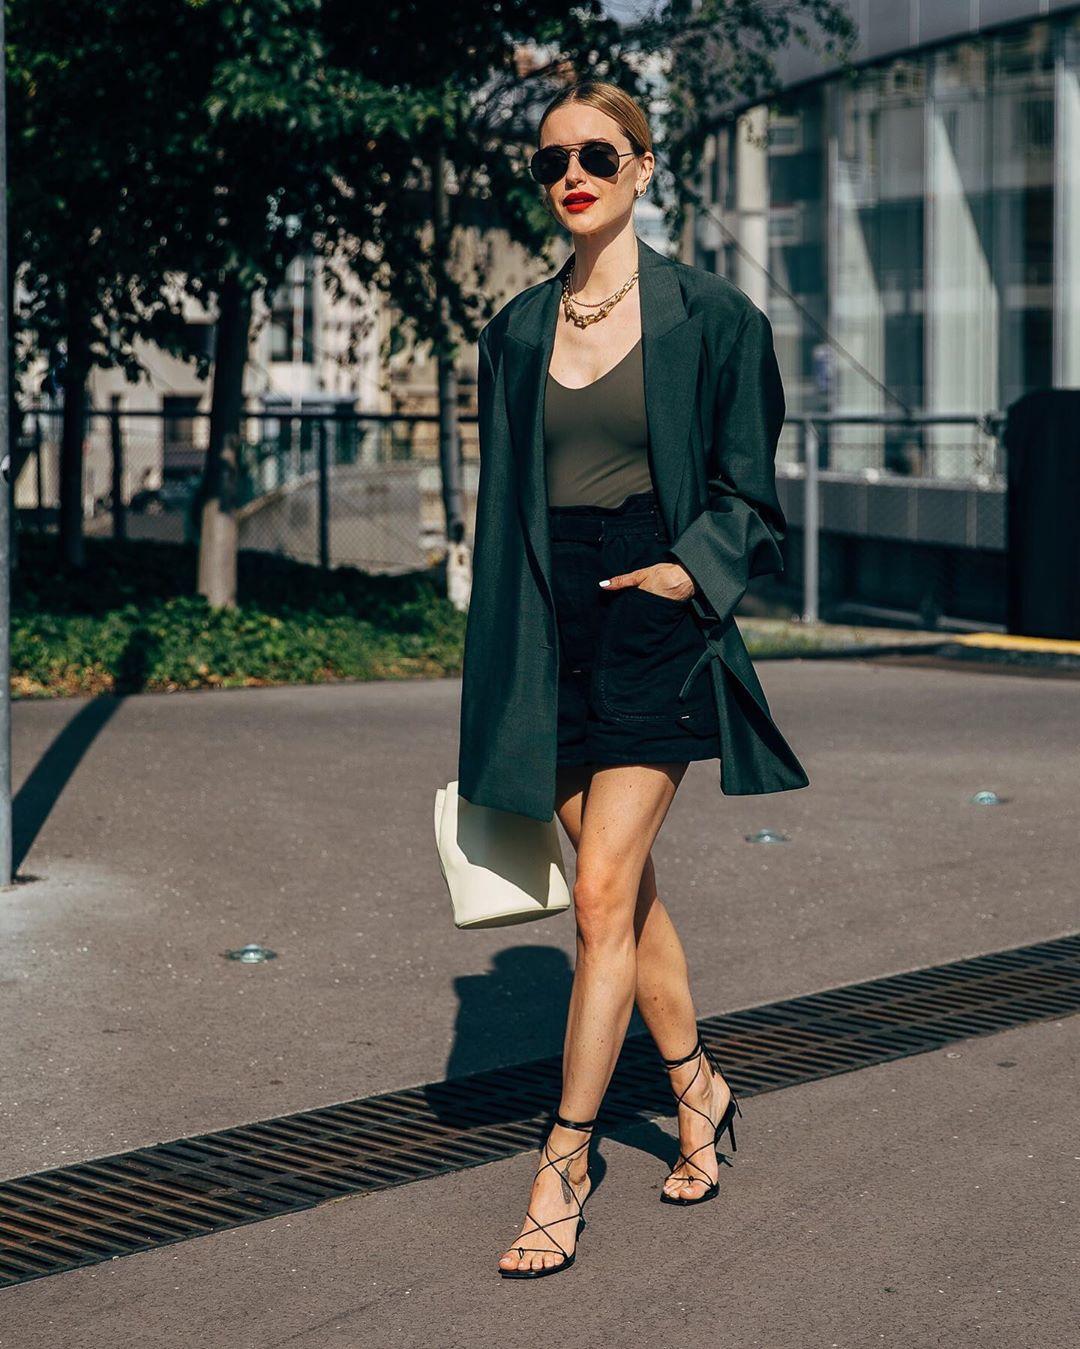 Обратный эффект. Рассказываем, что носить, а от каких вещей лучше отказаться, если вы старше 50 лучшее,мода,модные советы,Наряды,образ